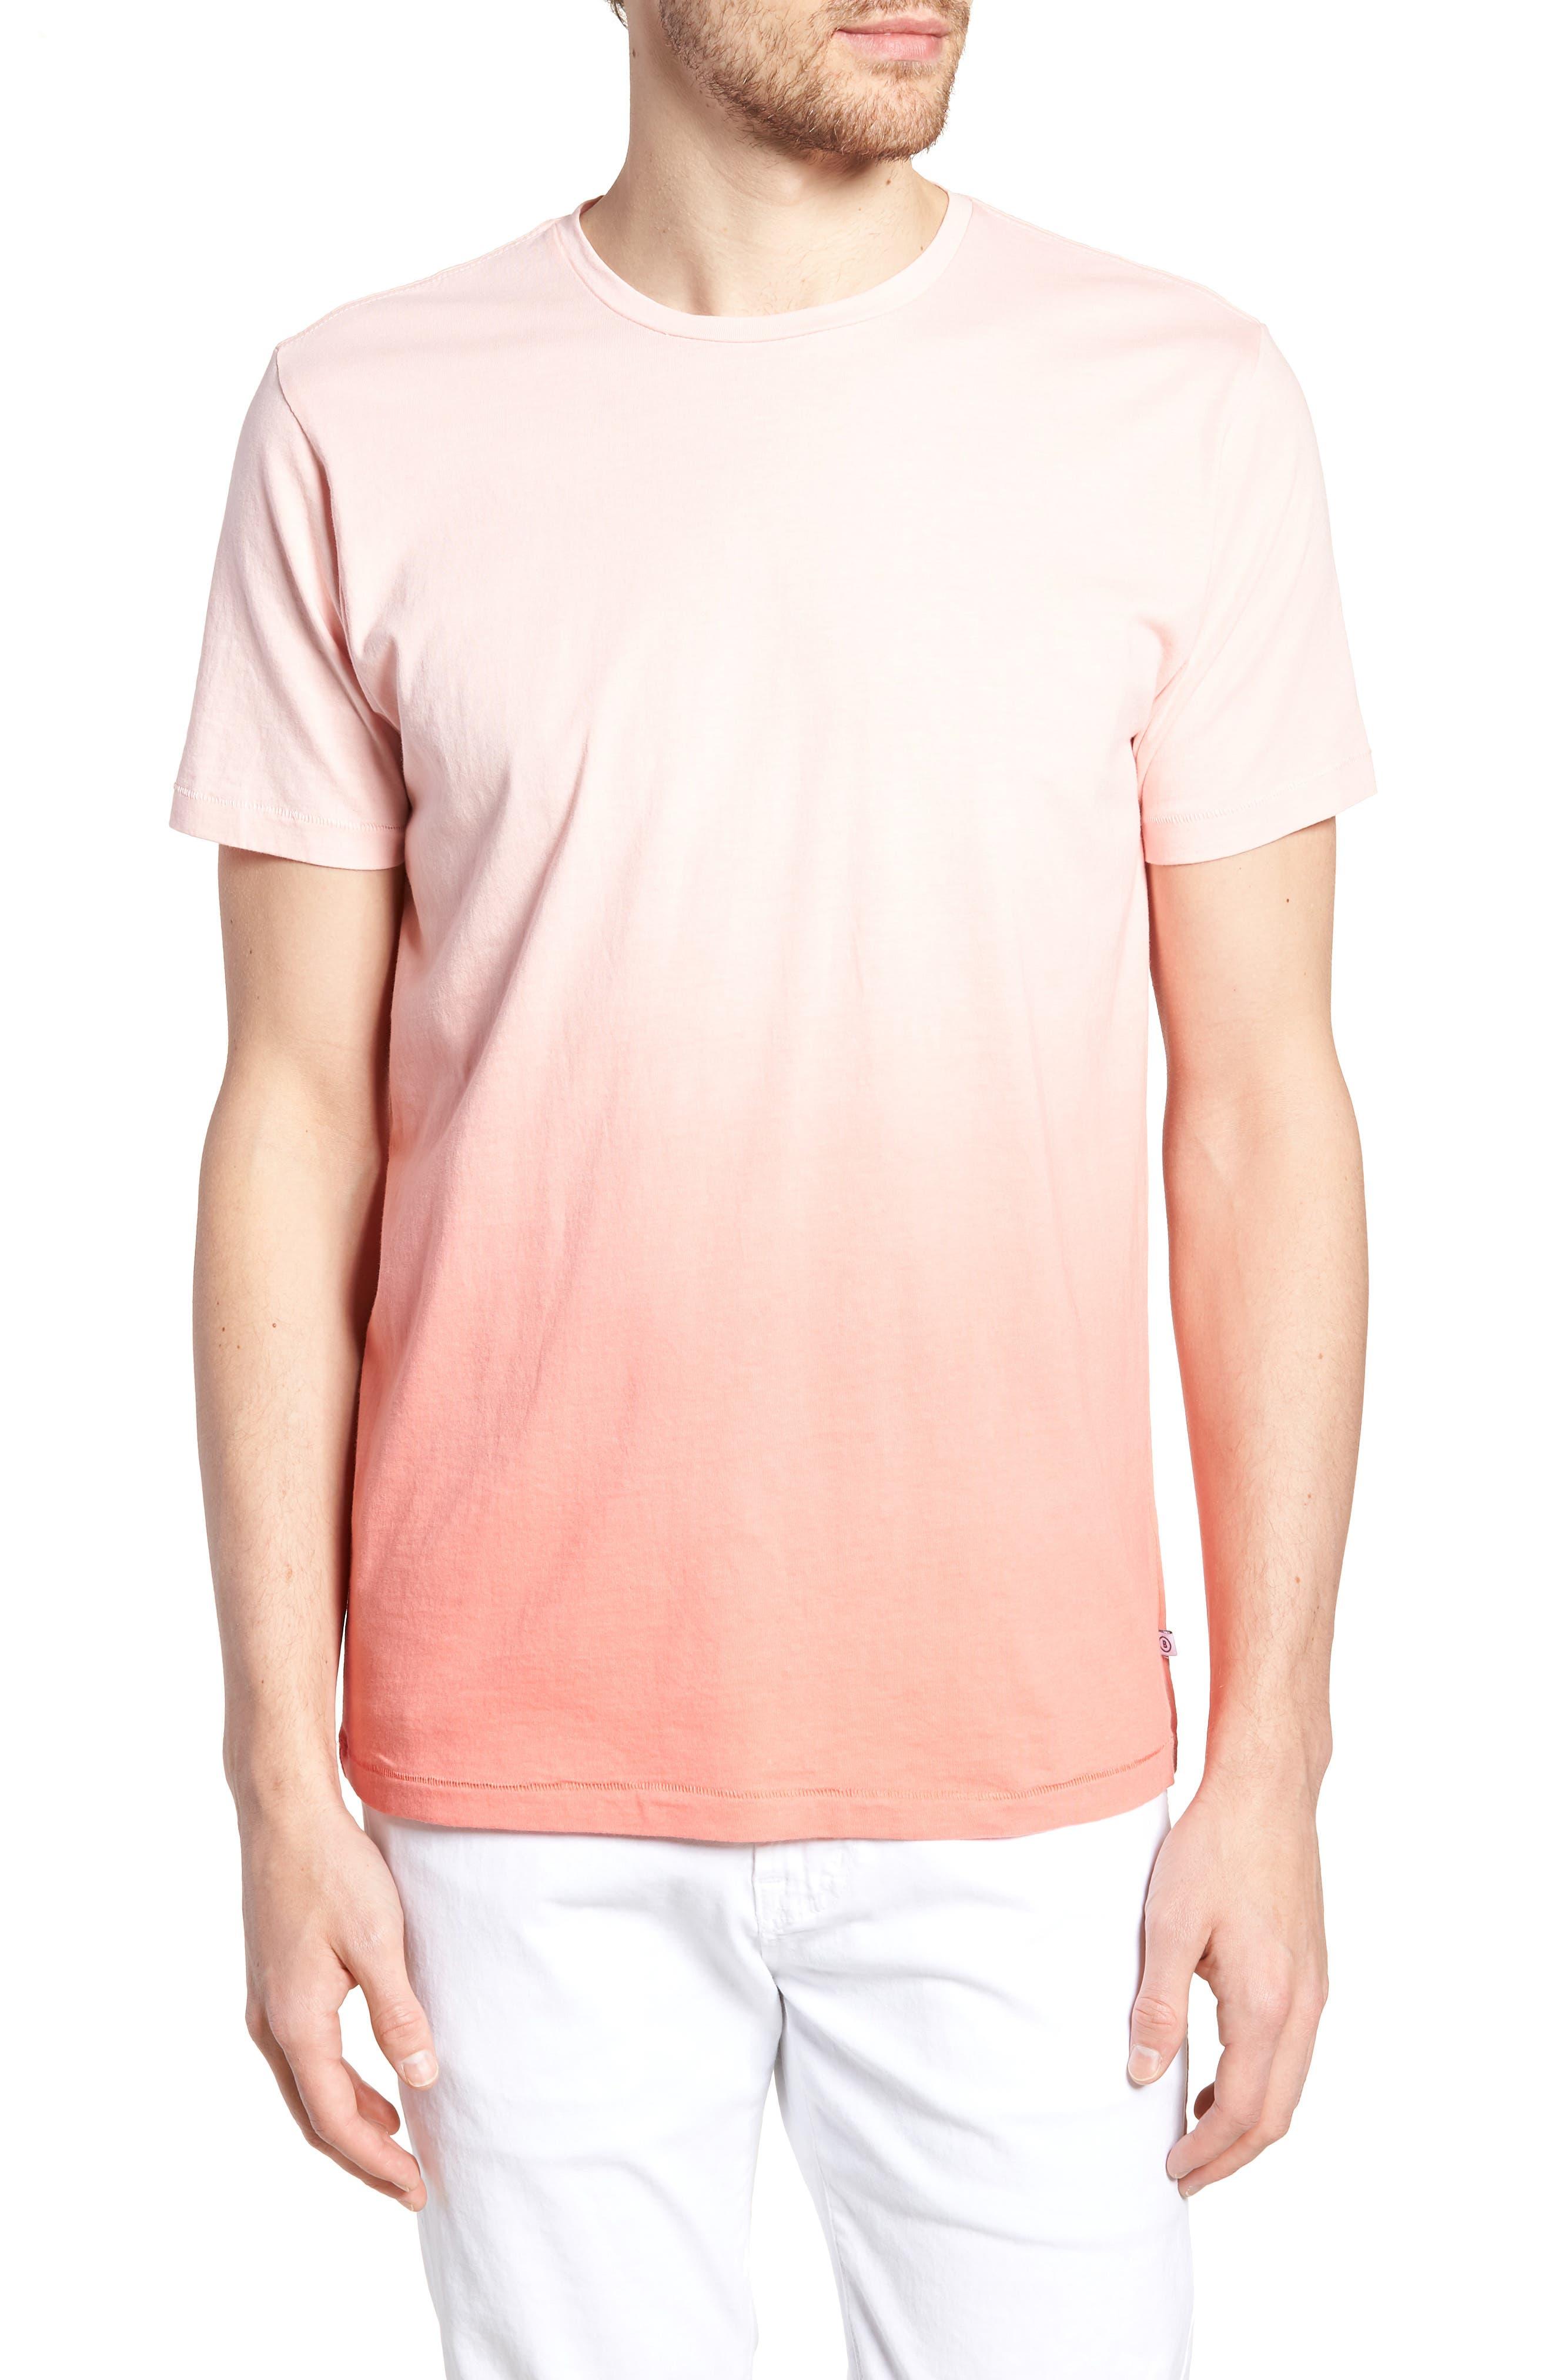 Alternate Image 1 Selected - Bonobos Dip Dye T-Shirt